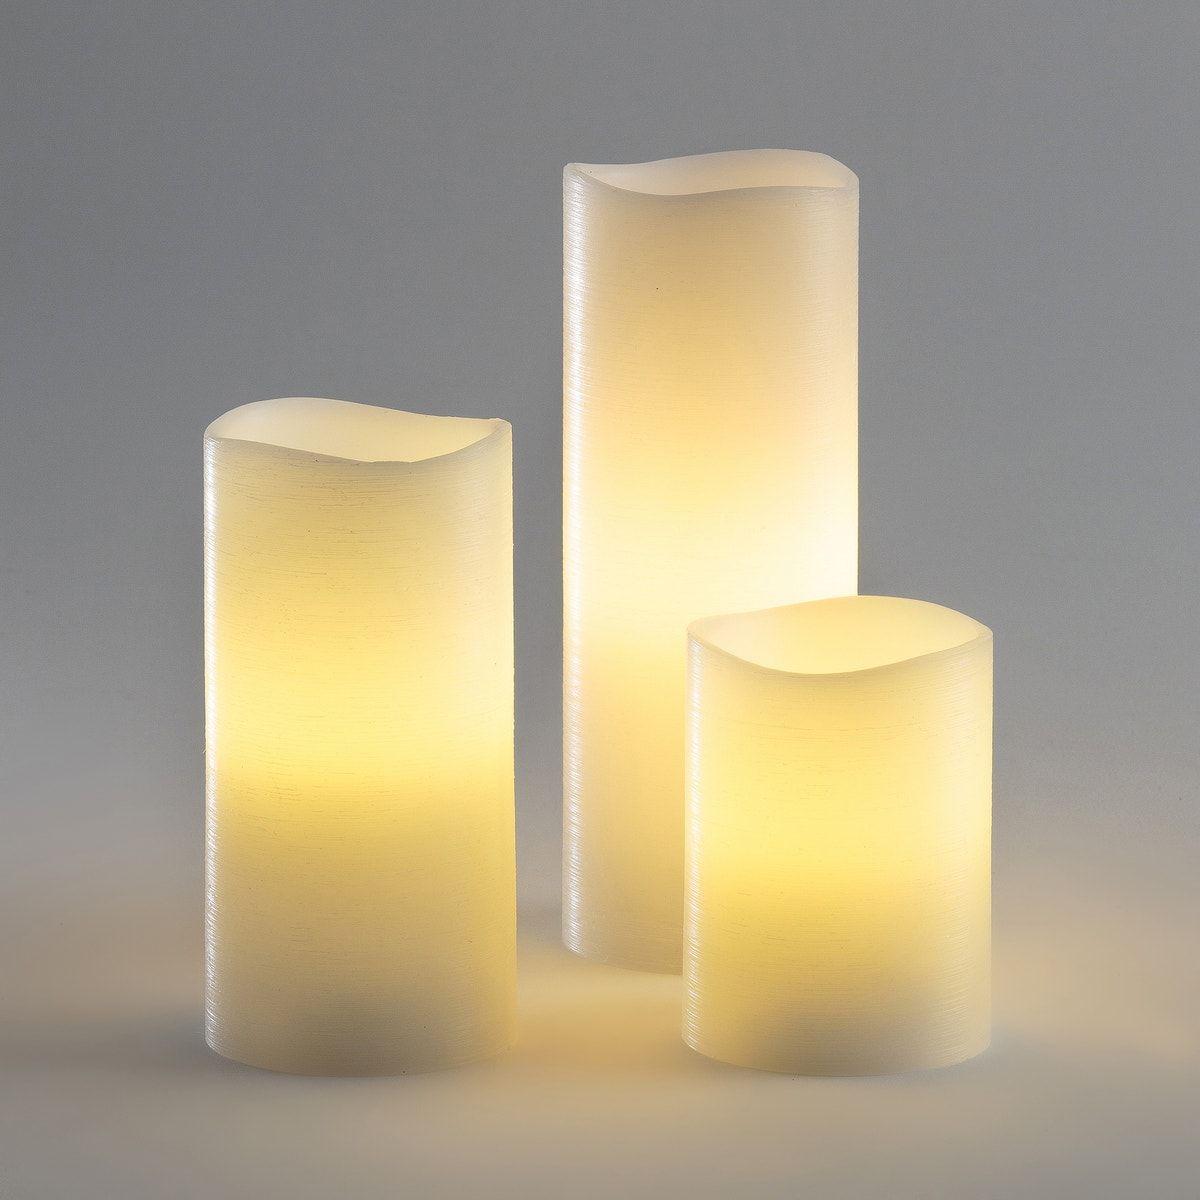 3er Set Led Kerzen Batteriebetrieben In 2020 Led Kerzen Led Kerzen